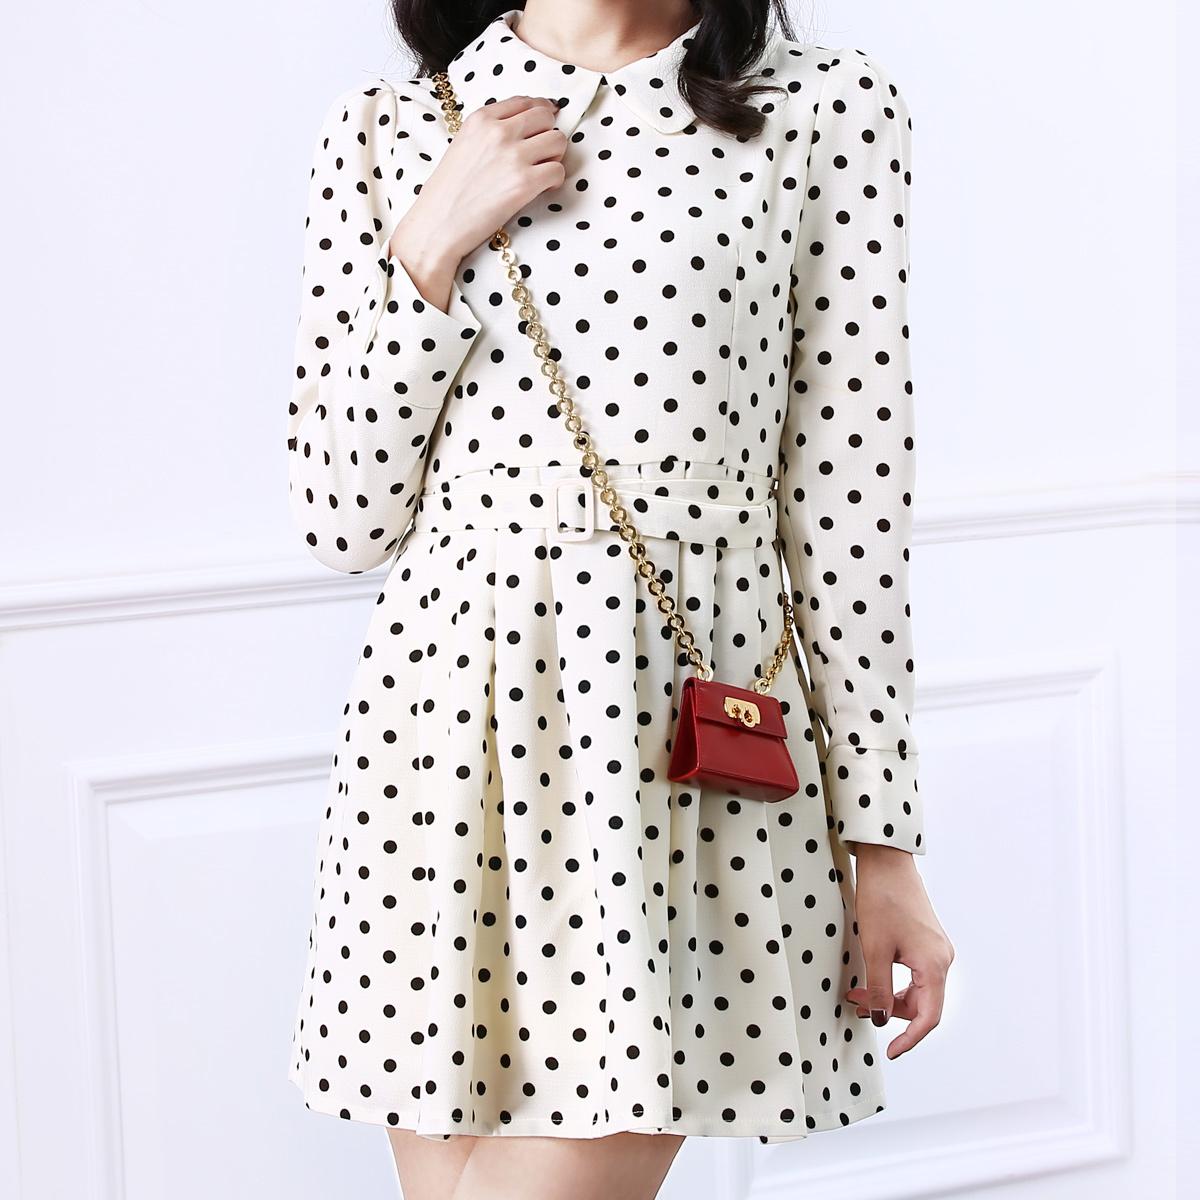 这是一款充满复古甜美气质的连衣裙,可爱娃娃领的设计,修饰脸型,增加